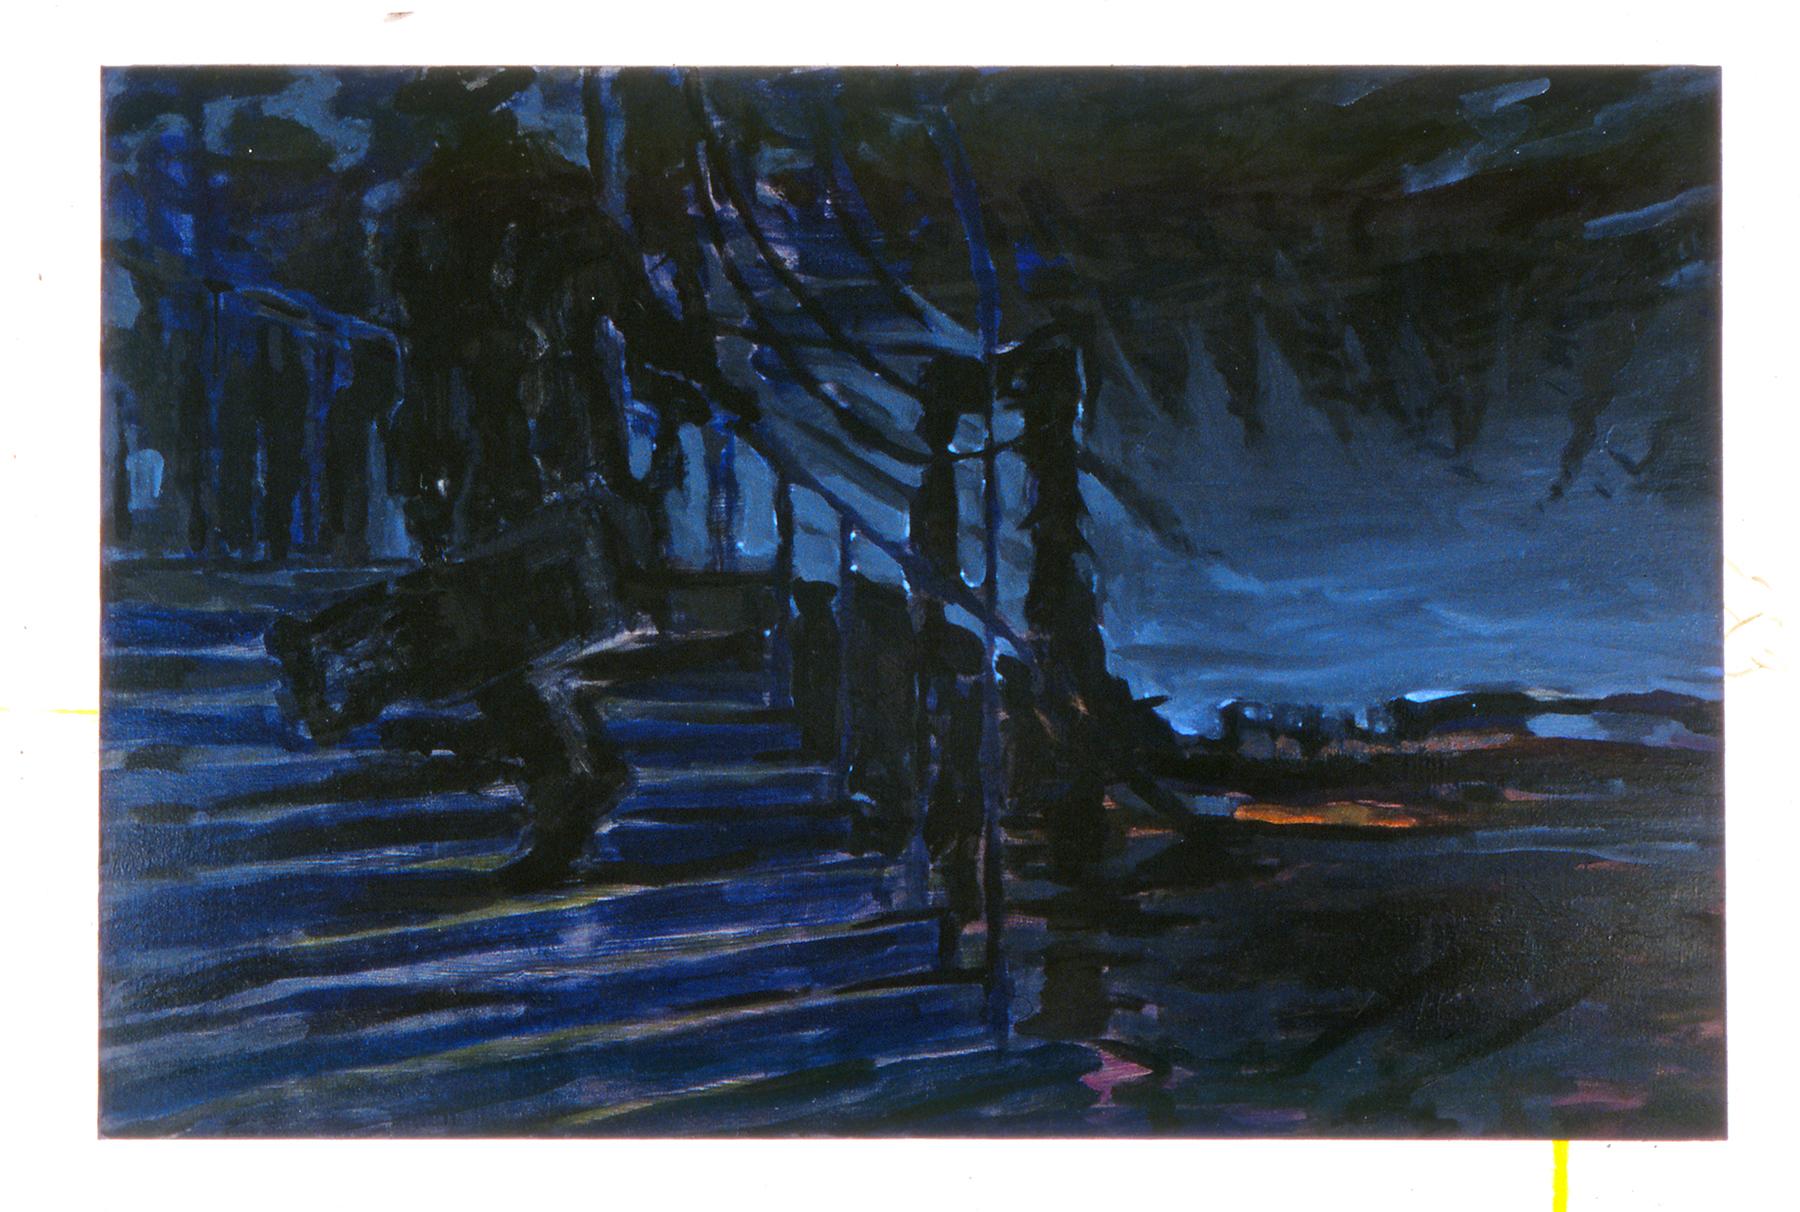 East River Blue: Sonny Rollins on Williamsburg Bridge